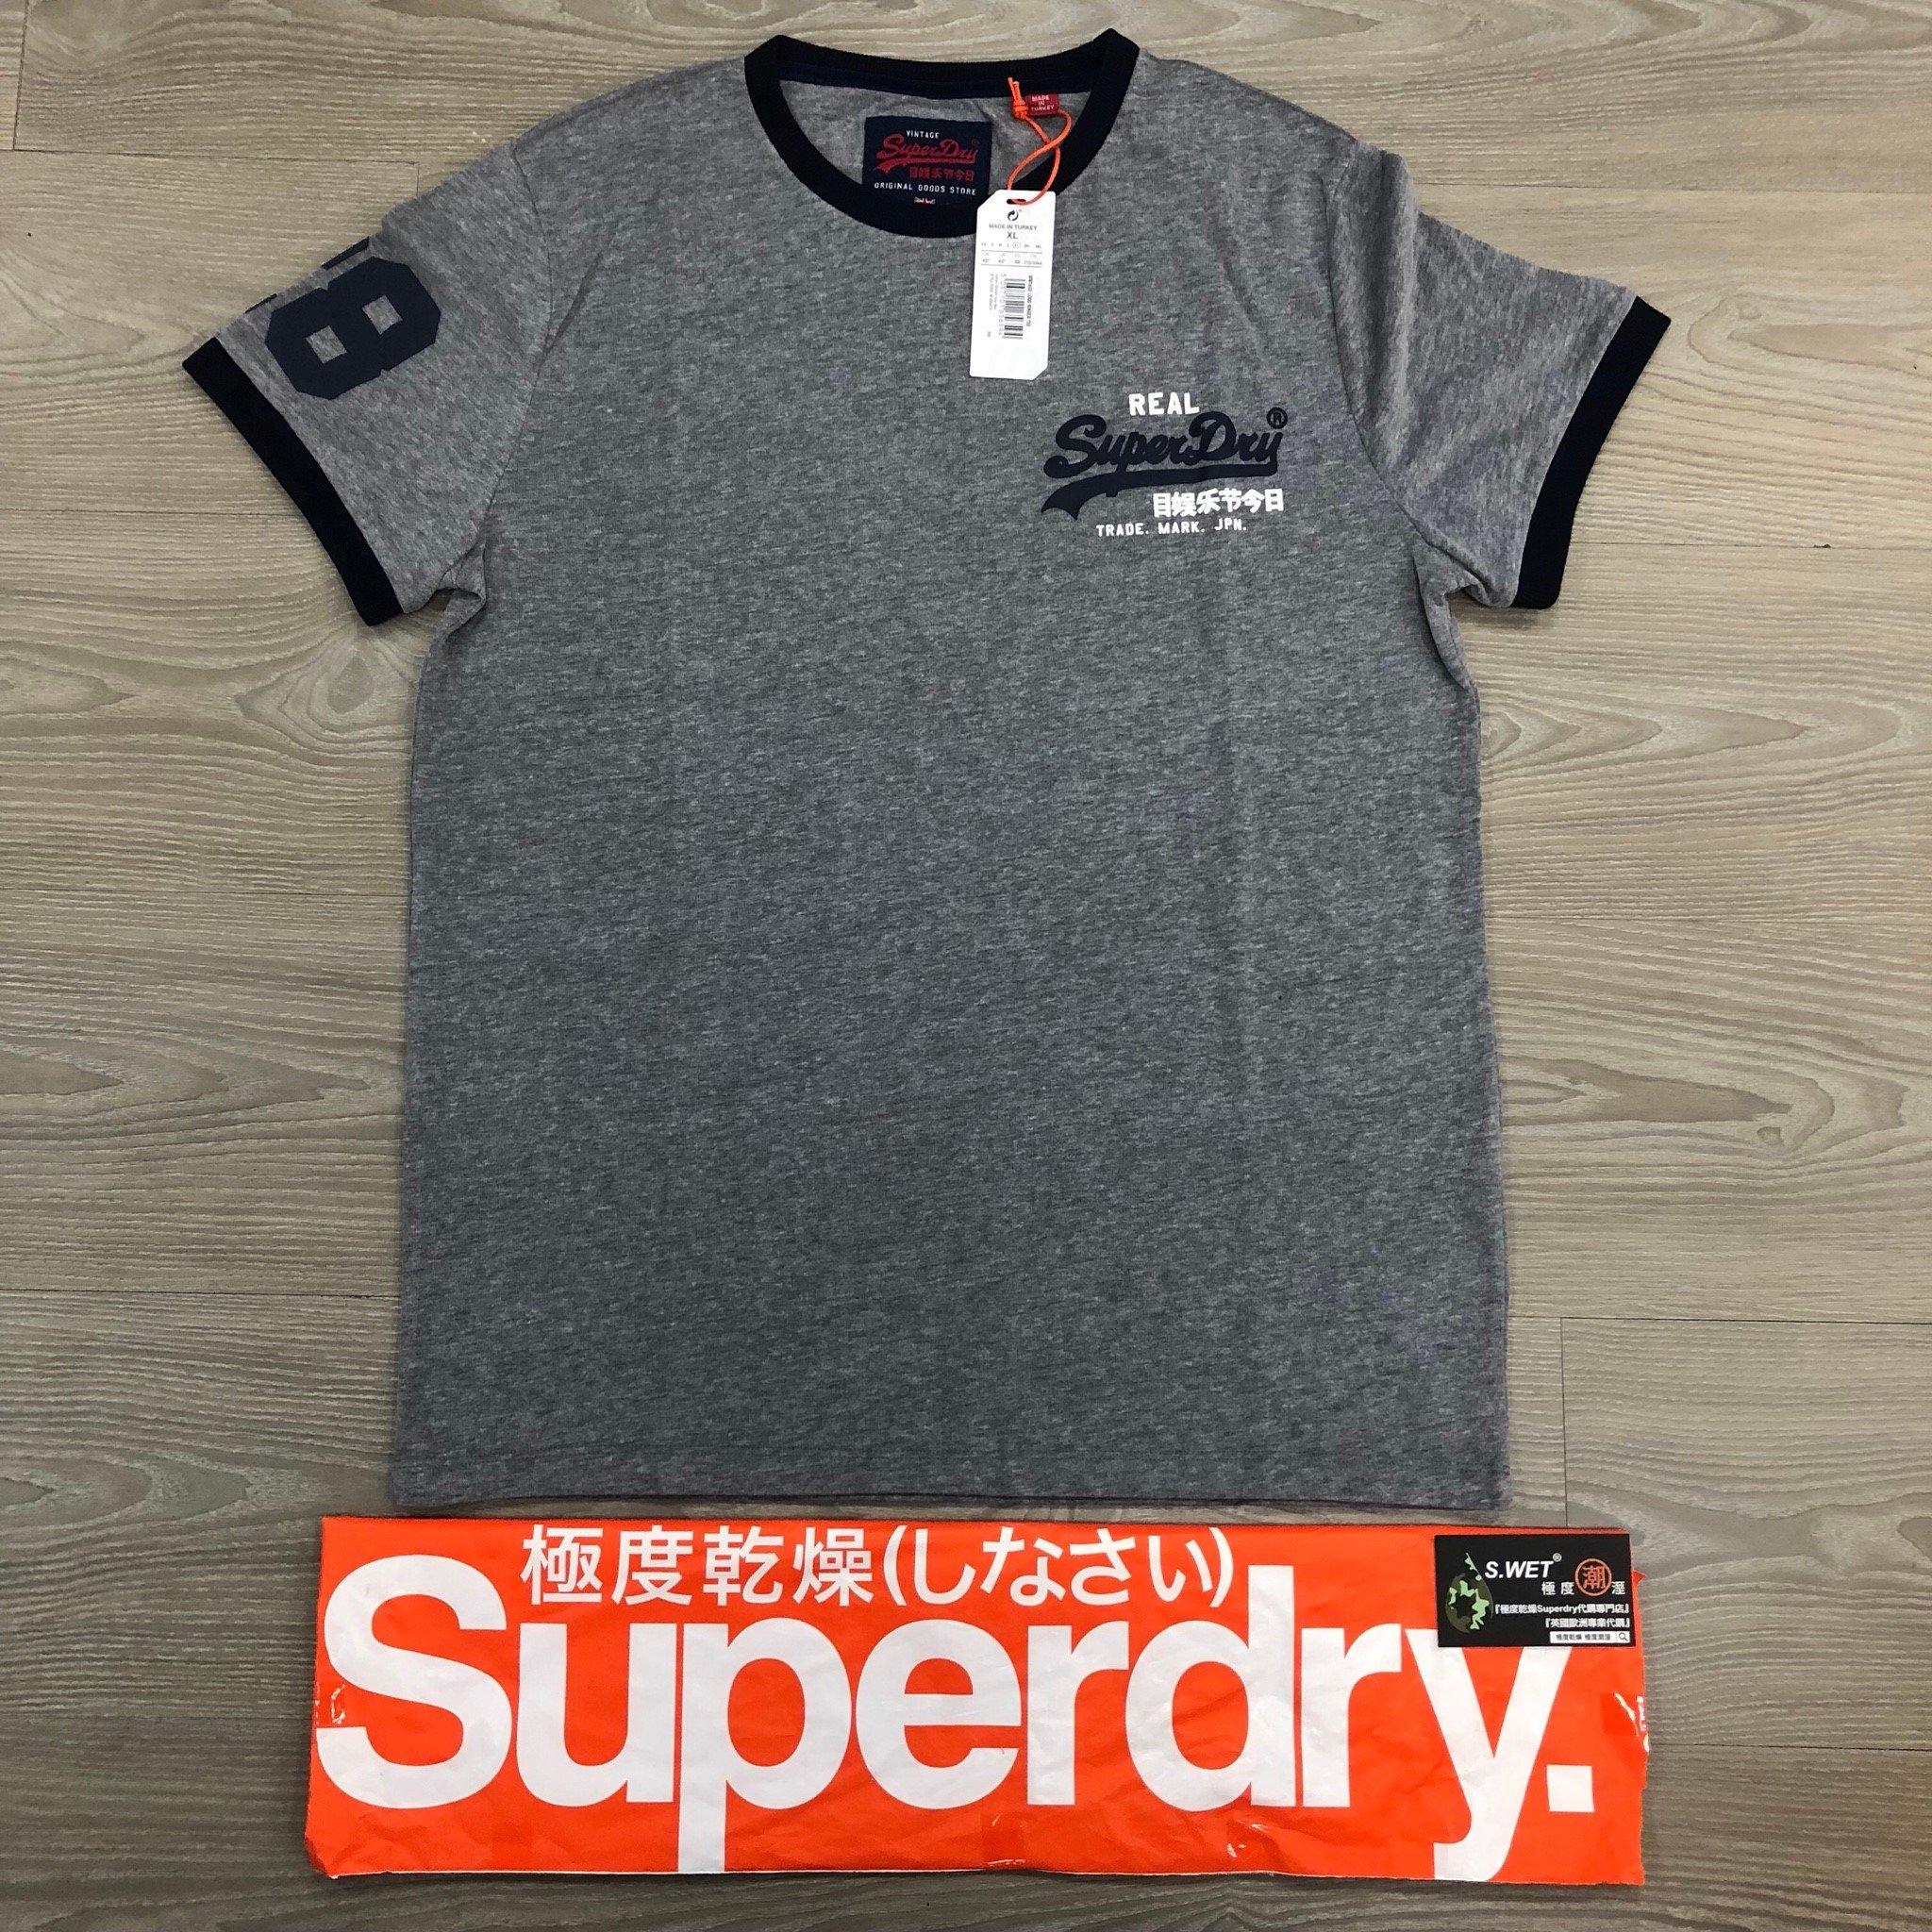 土耳其製 跩狗嚴選 極度乾燥 Superdry 滾邊 Logo 短袖 純棉 T恤 黑 灰色 棉T 上衣 拼接